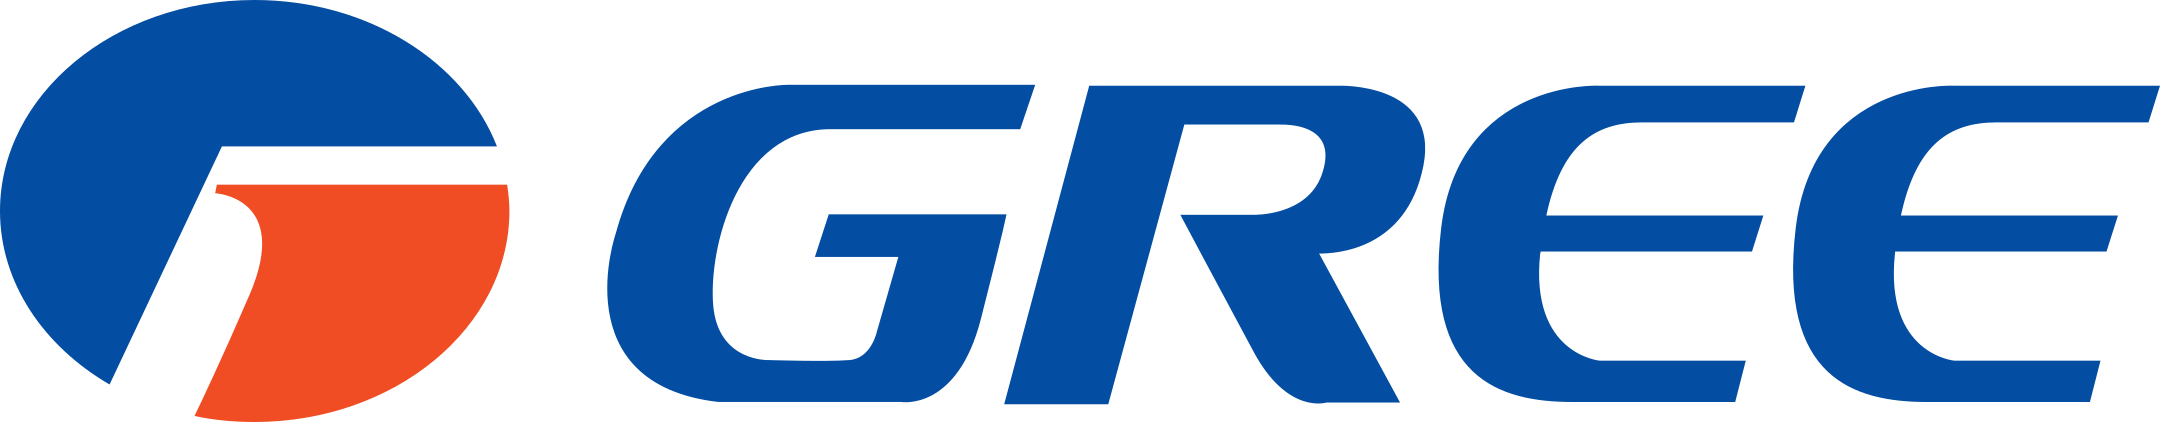 gree logo 1 - Gree Logo